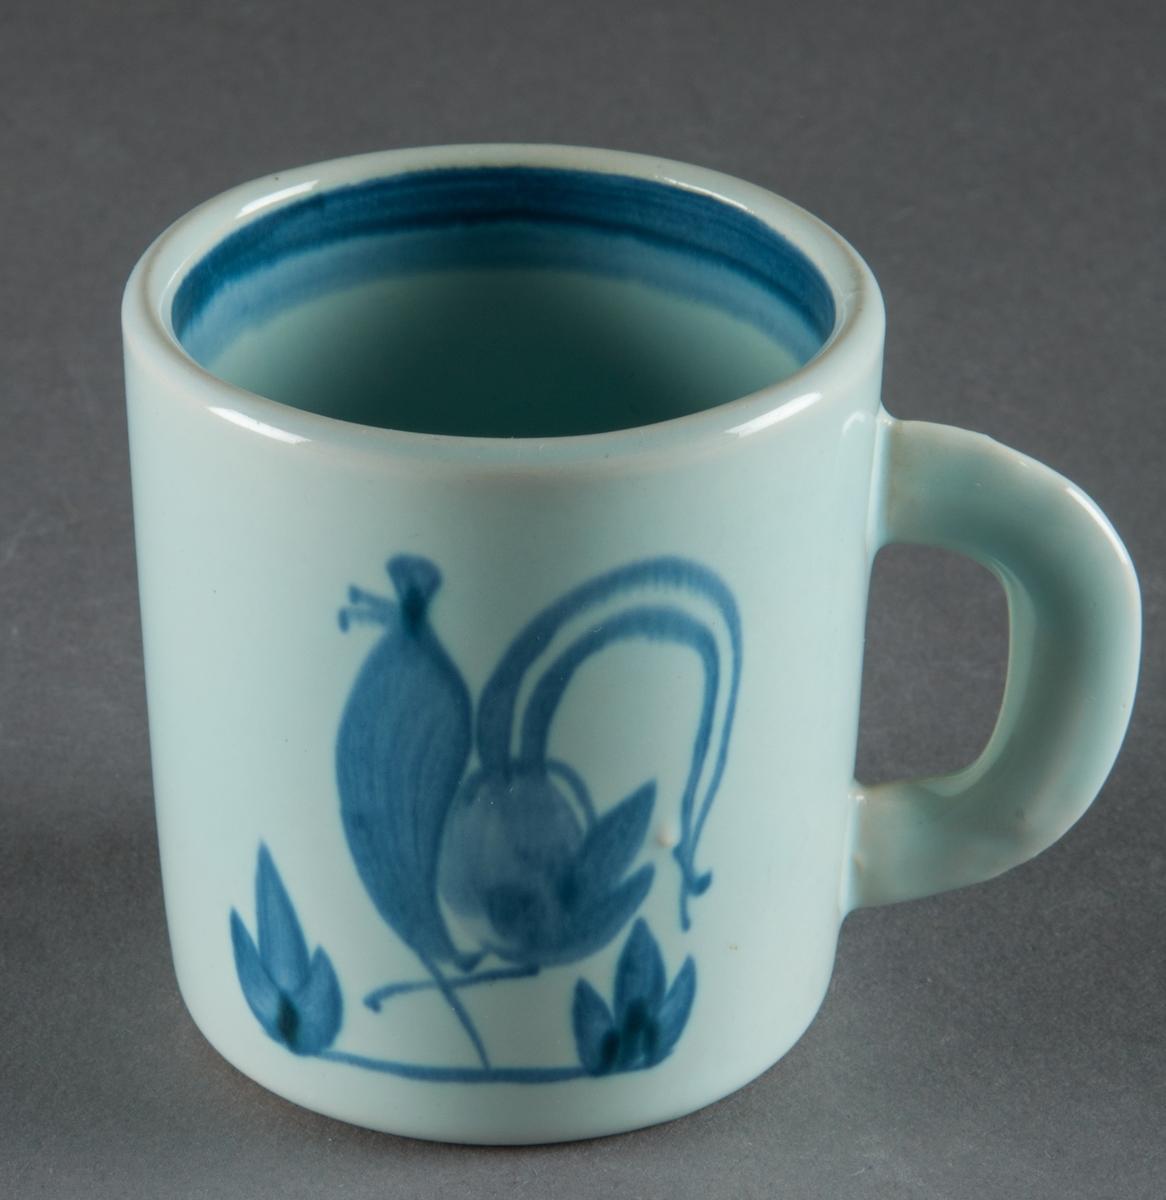 """Mugg med handtag tillverkad vid Bo Fajans. Formgiven av Allan Ebeling, både form och dekor, s k """"tuppdekor"""". Blå handmålad tupp mot ljust, blå botten."""